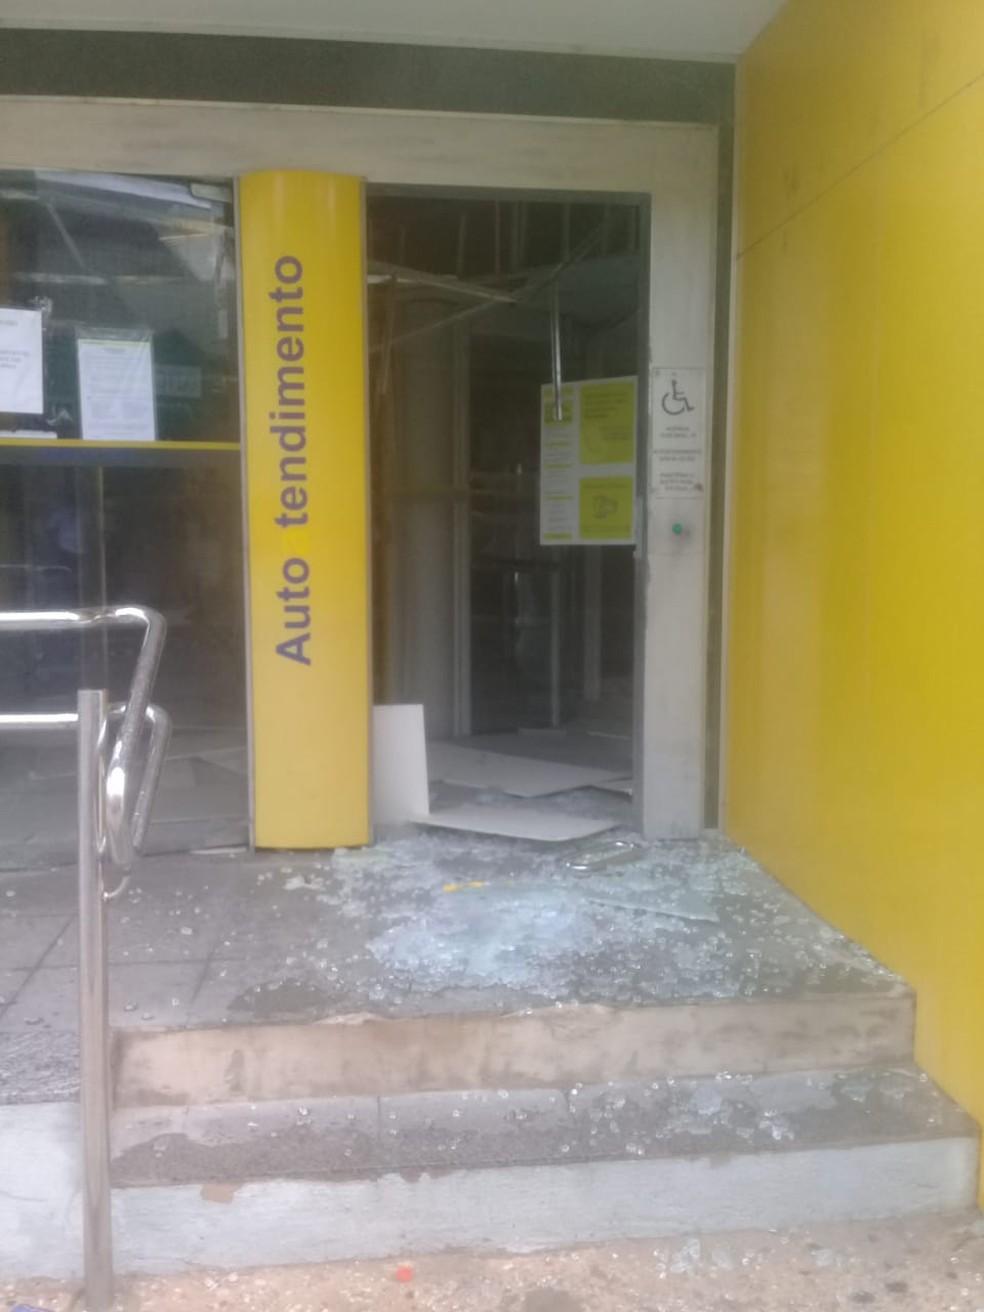 Bandidos causaram grande estrago em agência do Banco do Brasil no Centro de Teresina — Foto: Divulgação/PM